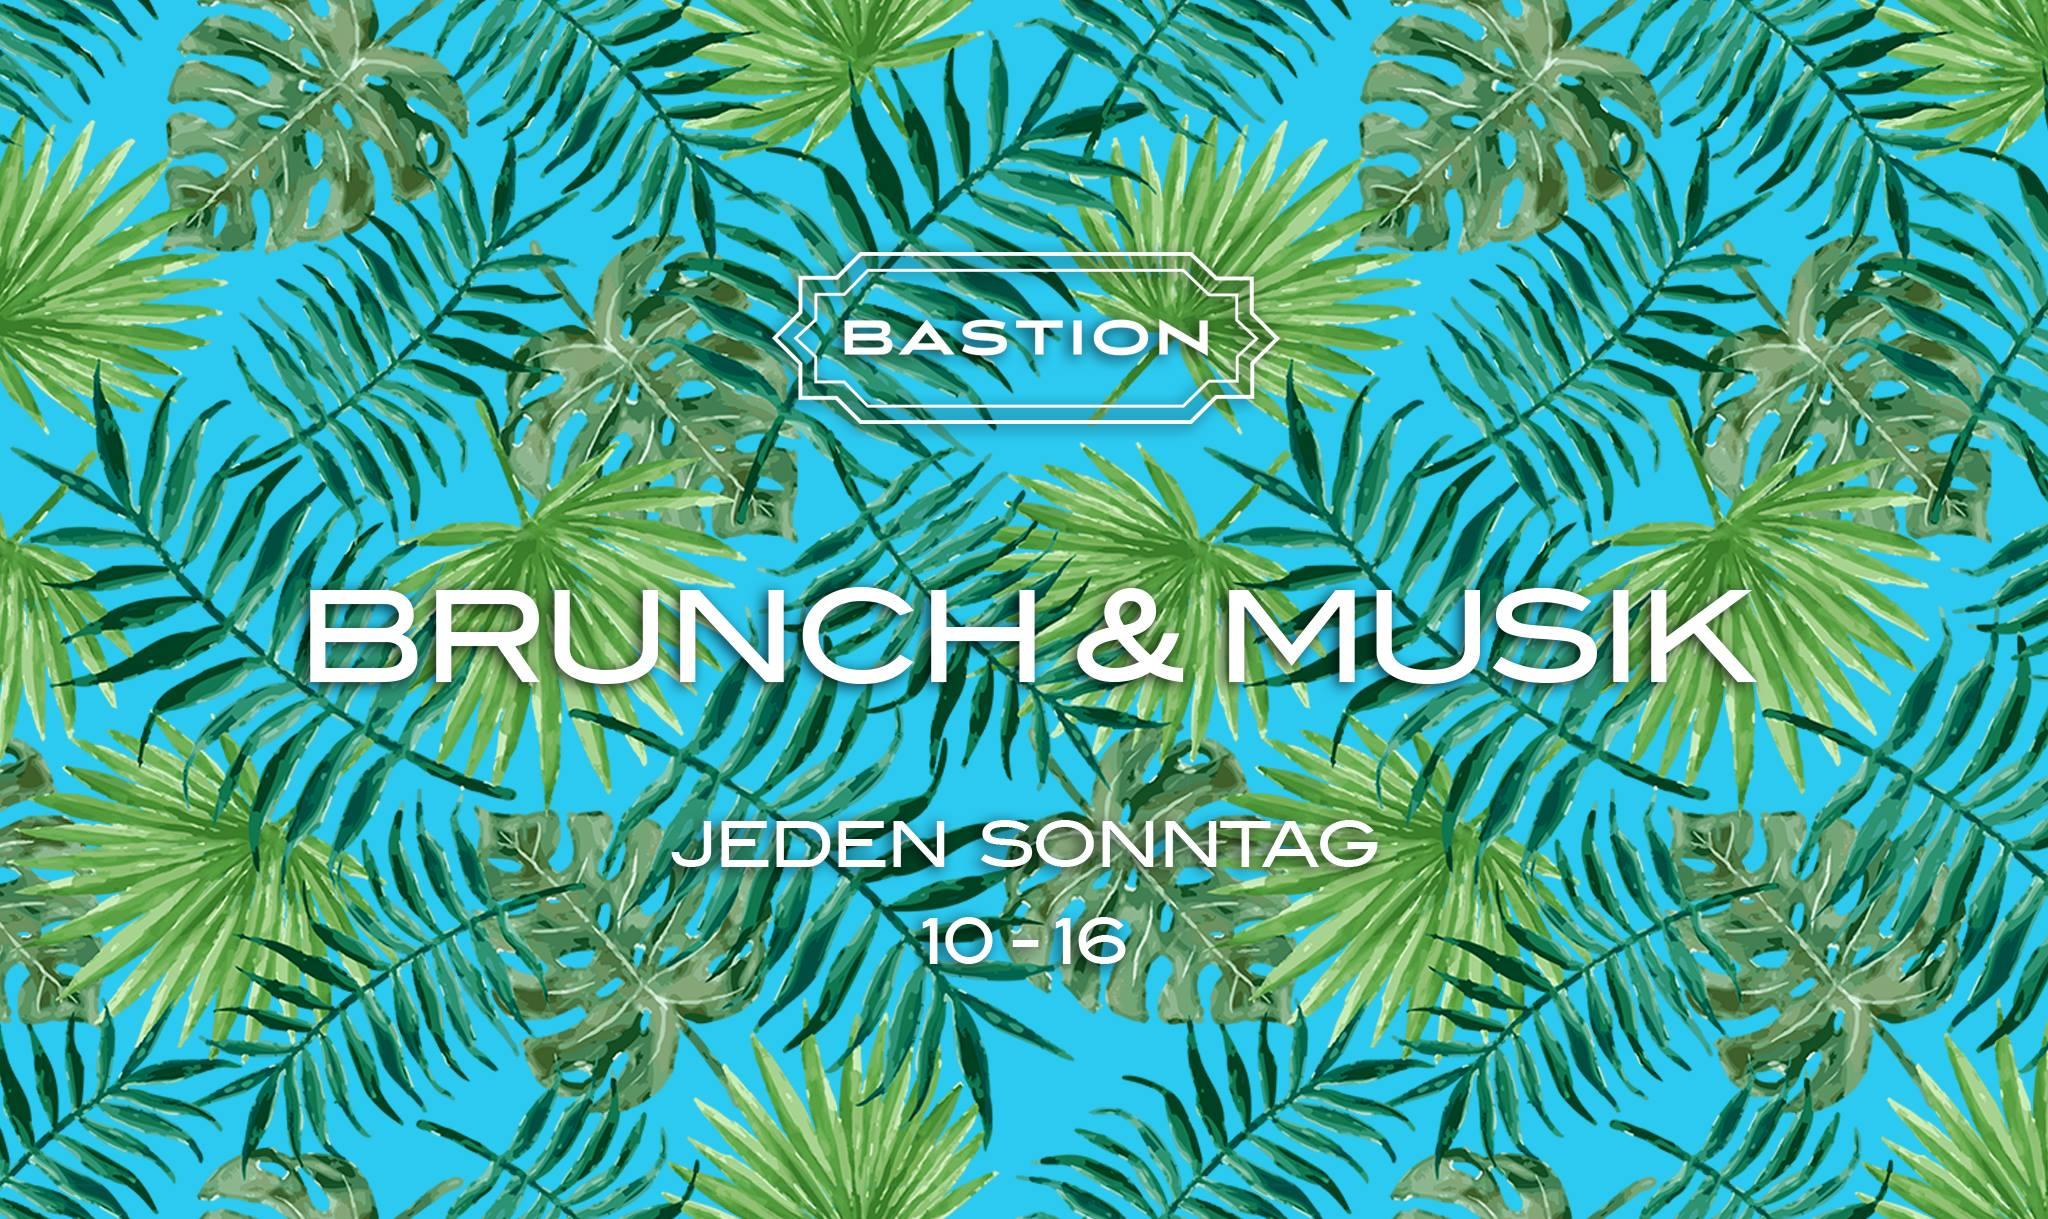 Brunch & Musik